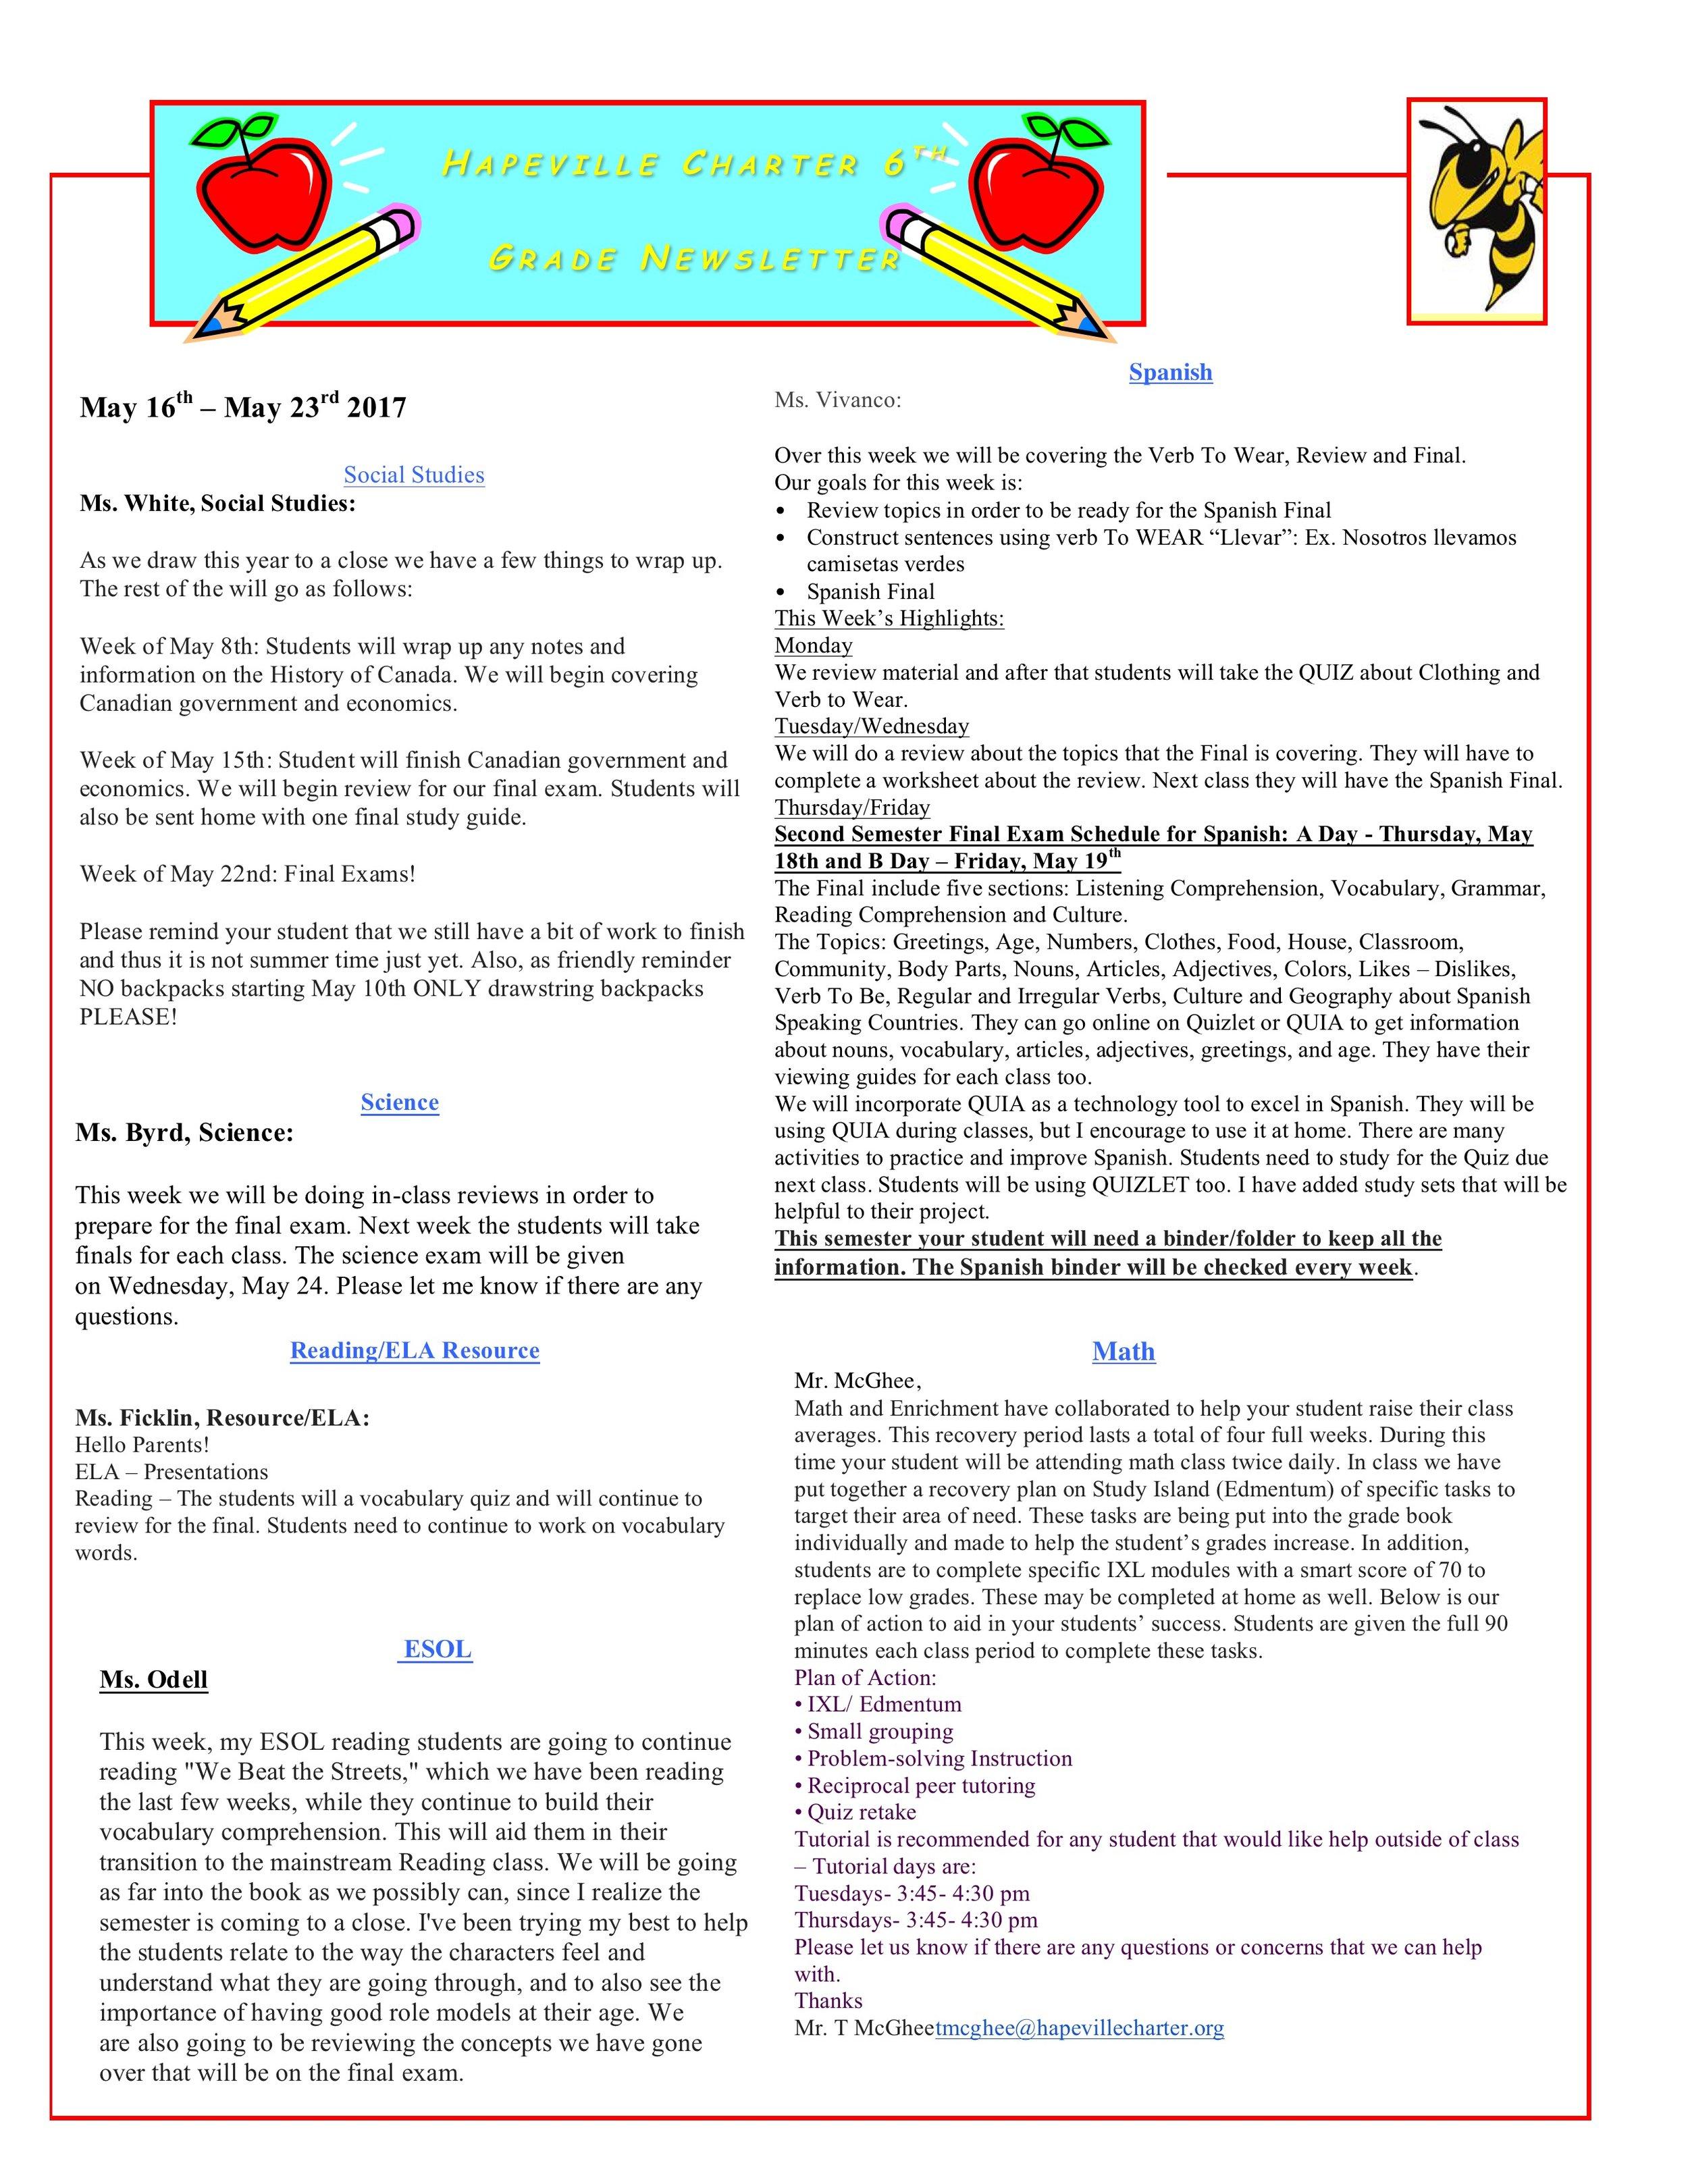 Newsletter Image6th Grade Newsletter 5-16-2017.jpeg